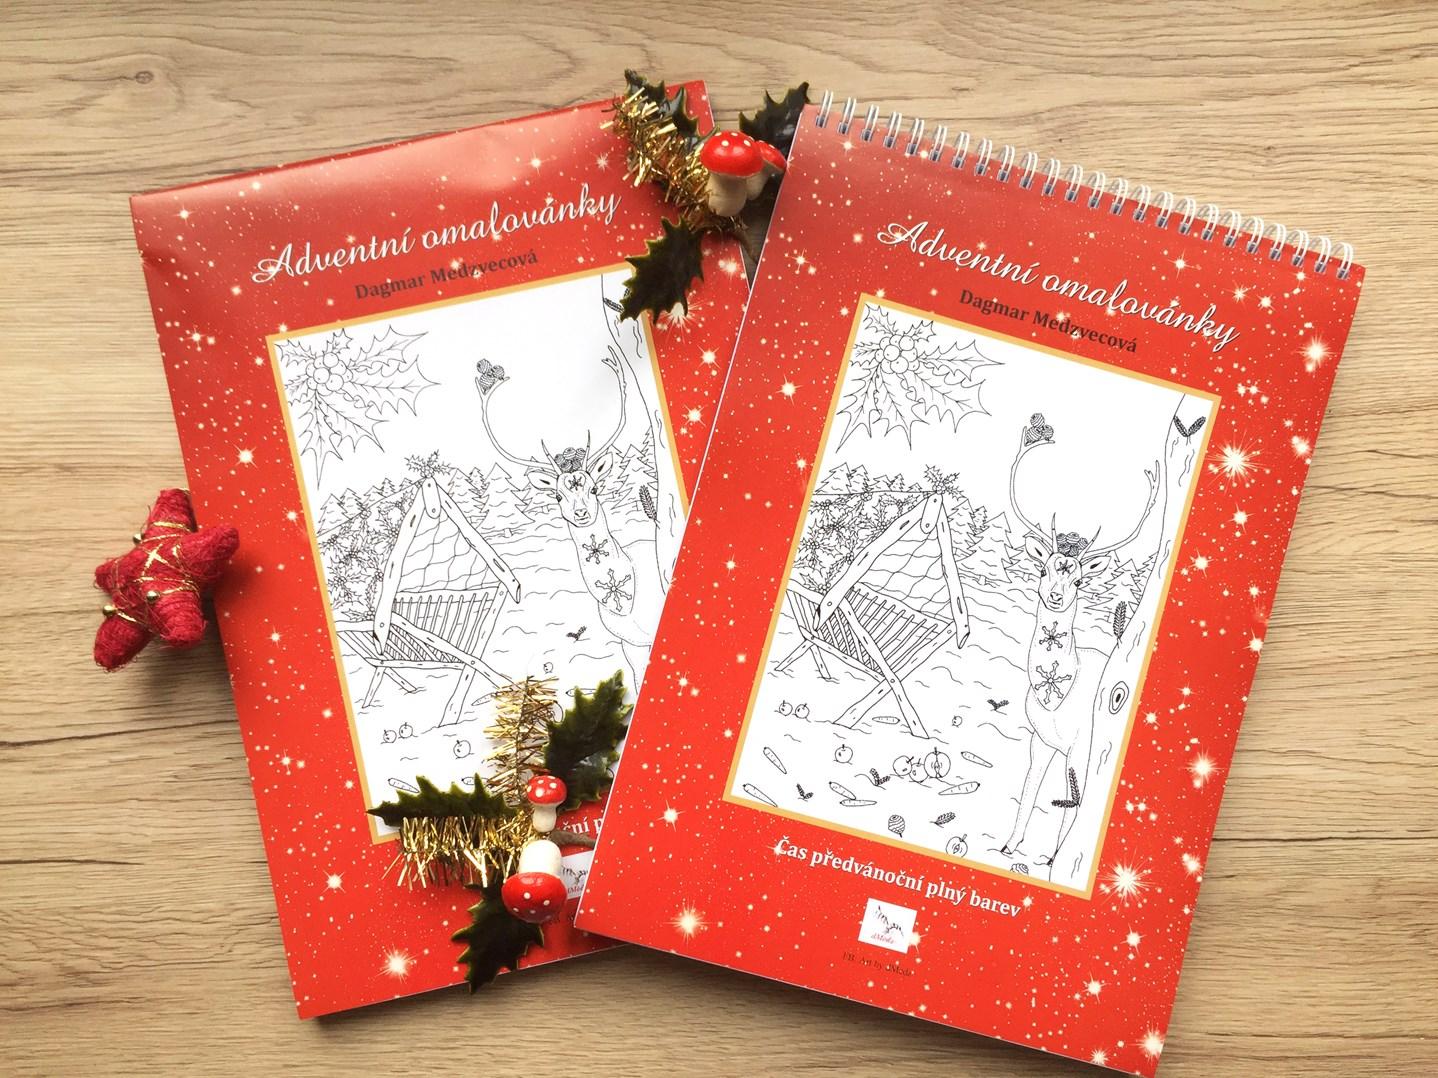 Adventní omalovánky, české omalovánky pro dospělé. Užijte si čekání na Vánoce relaxací s pastelkami.